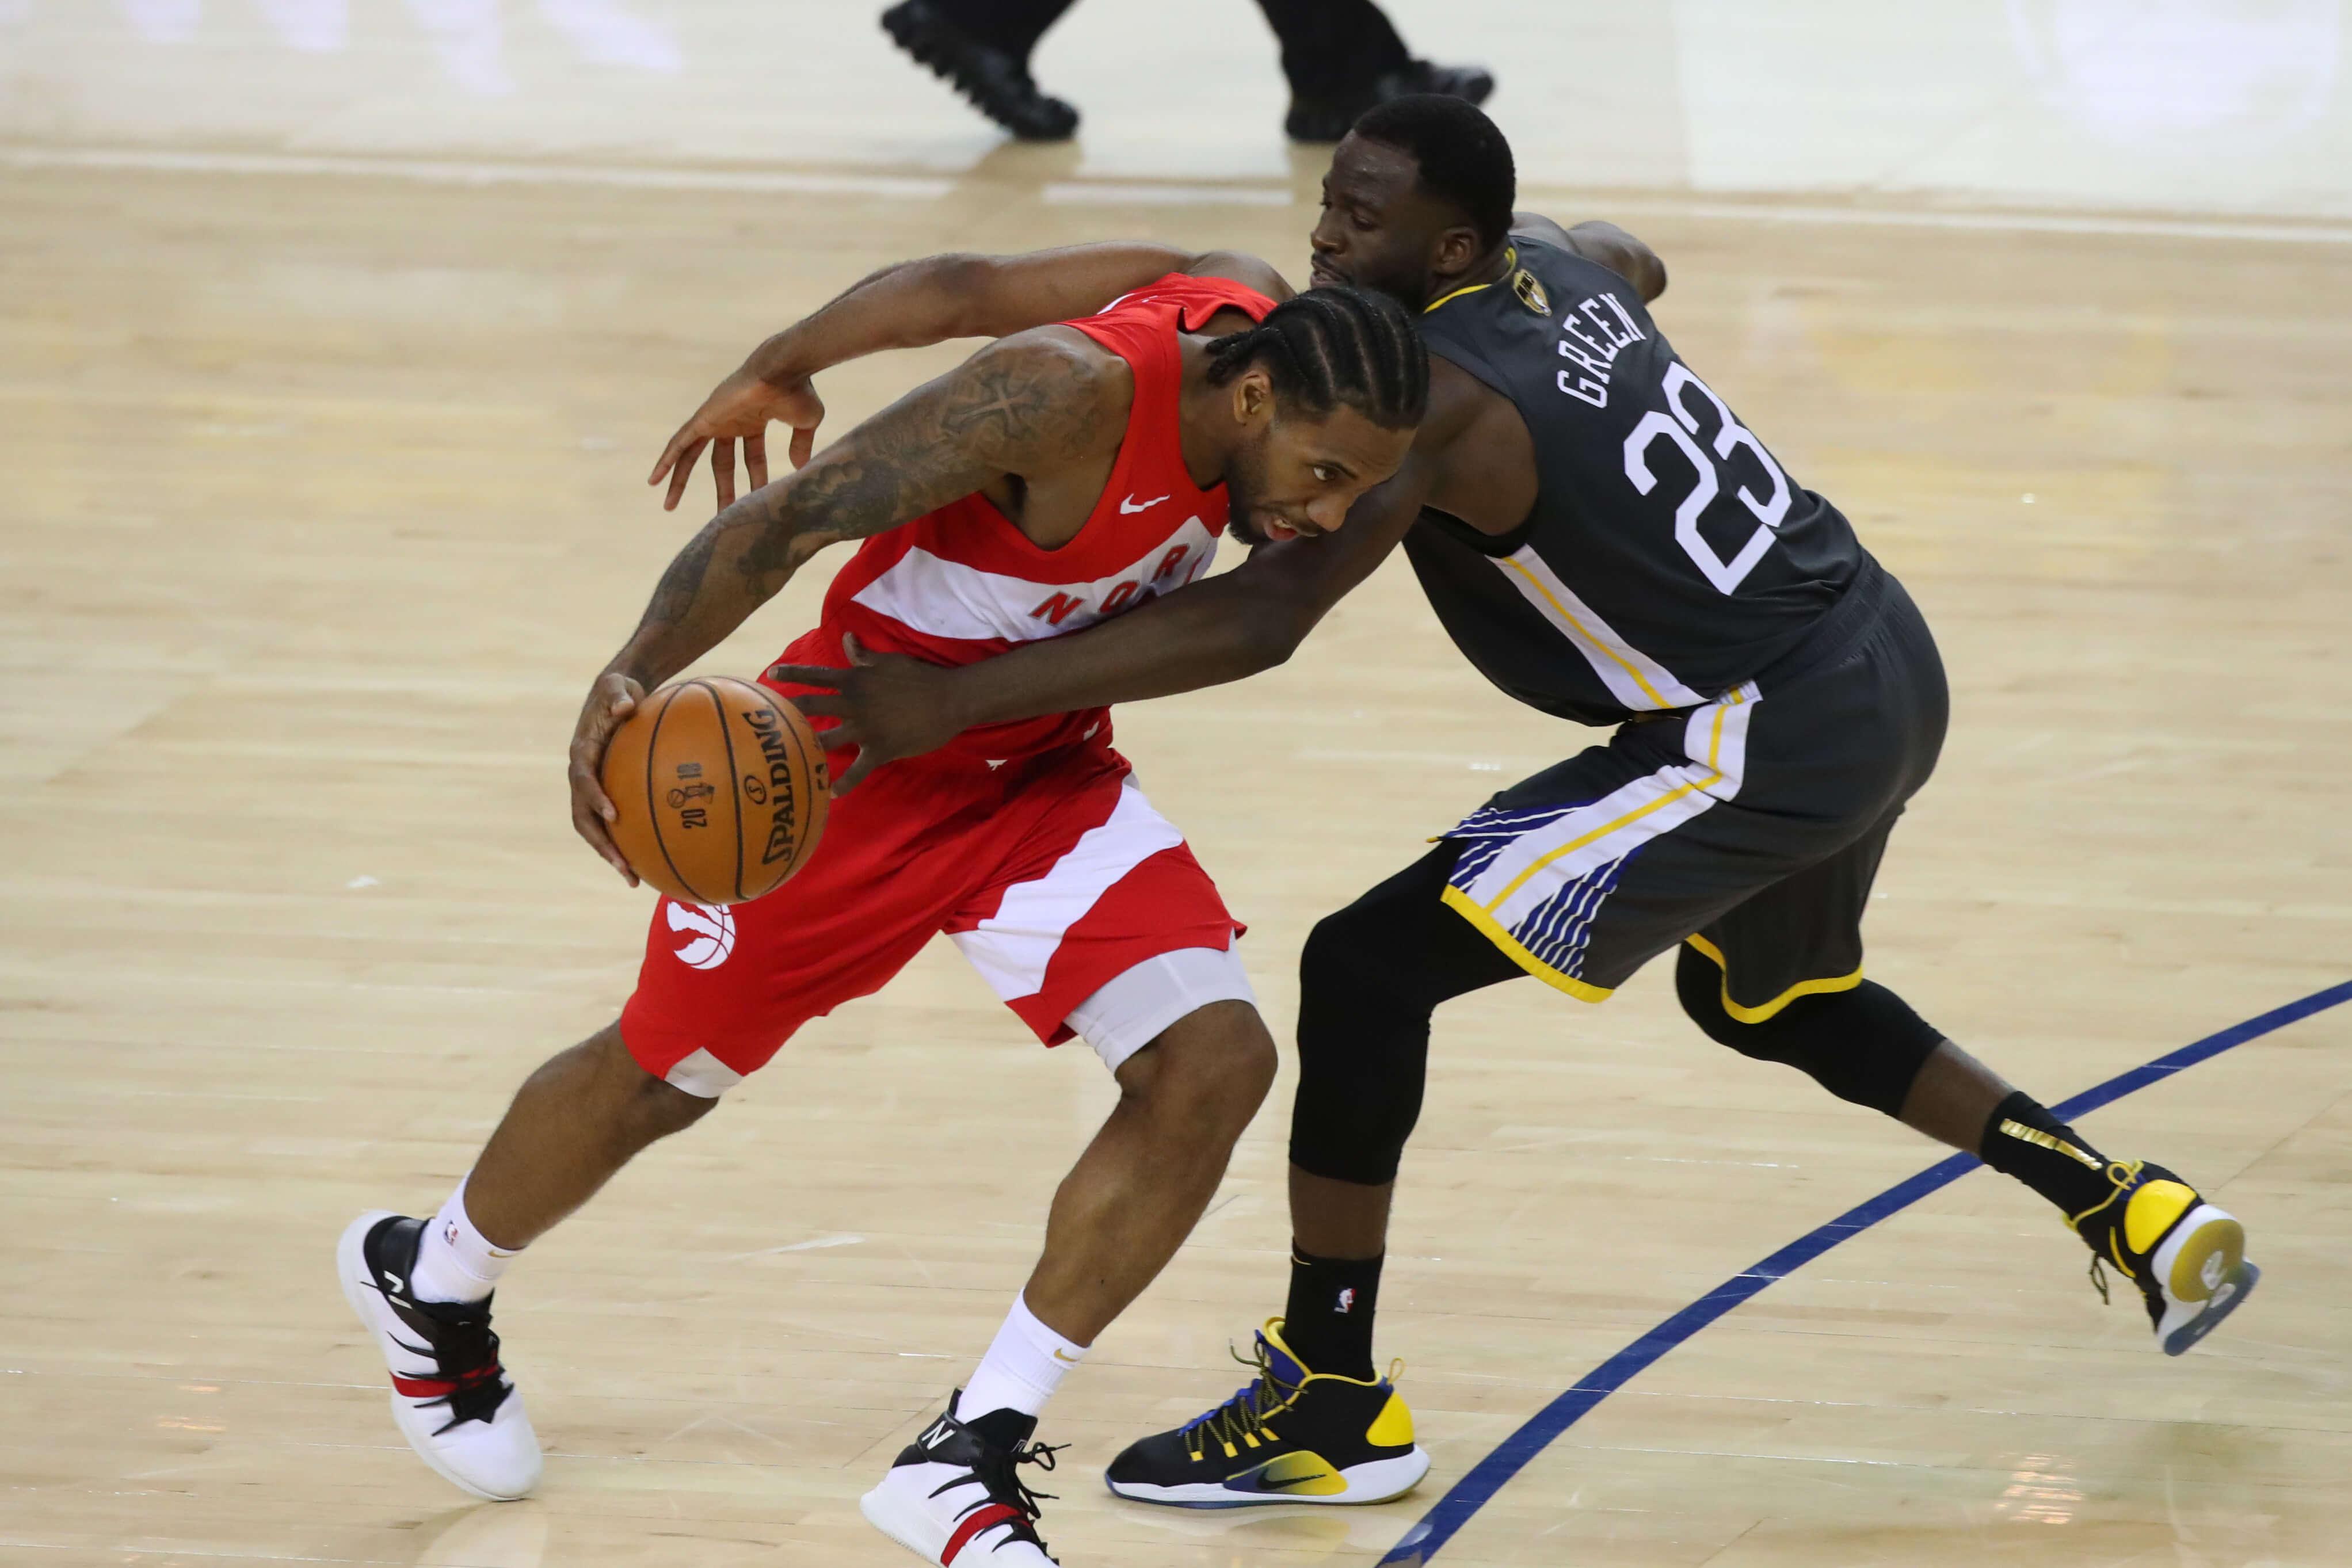 """NBA: Έτοιμοι να γράψουν ιστορία οι Ράπτορς! """"Πάτησαν"""" και πάλι τους Γουόριορς – video"""